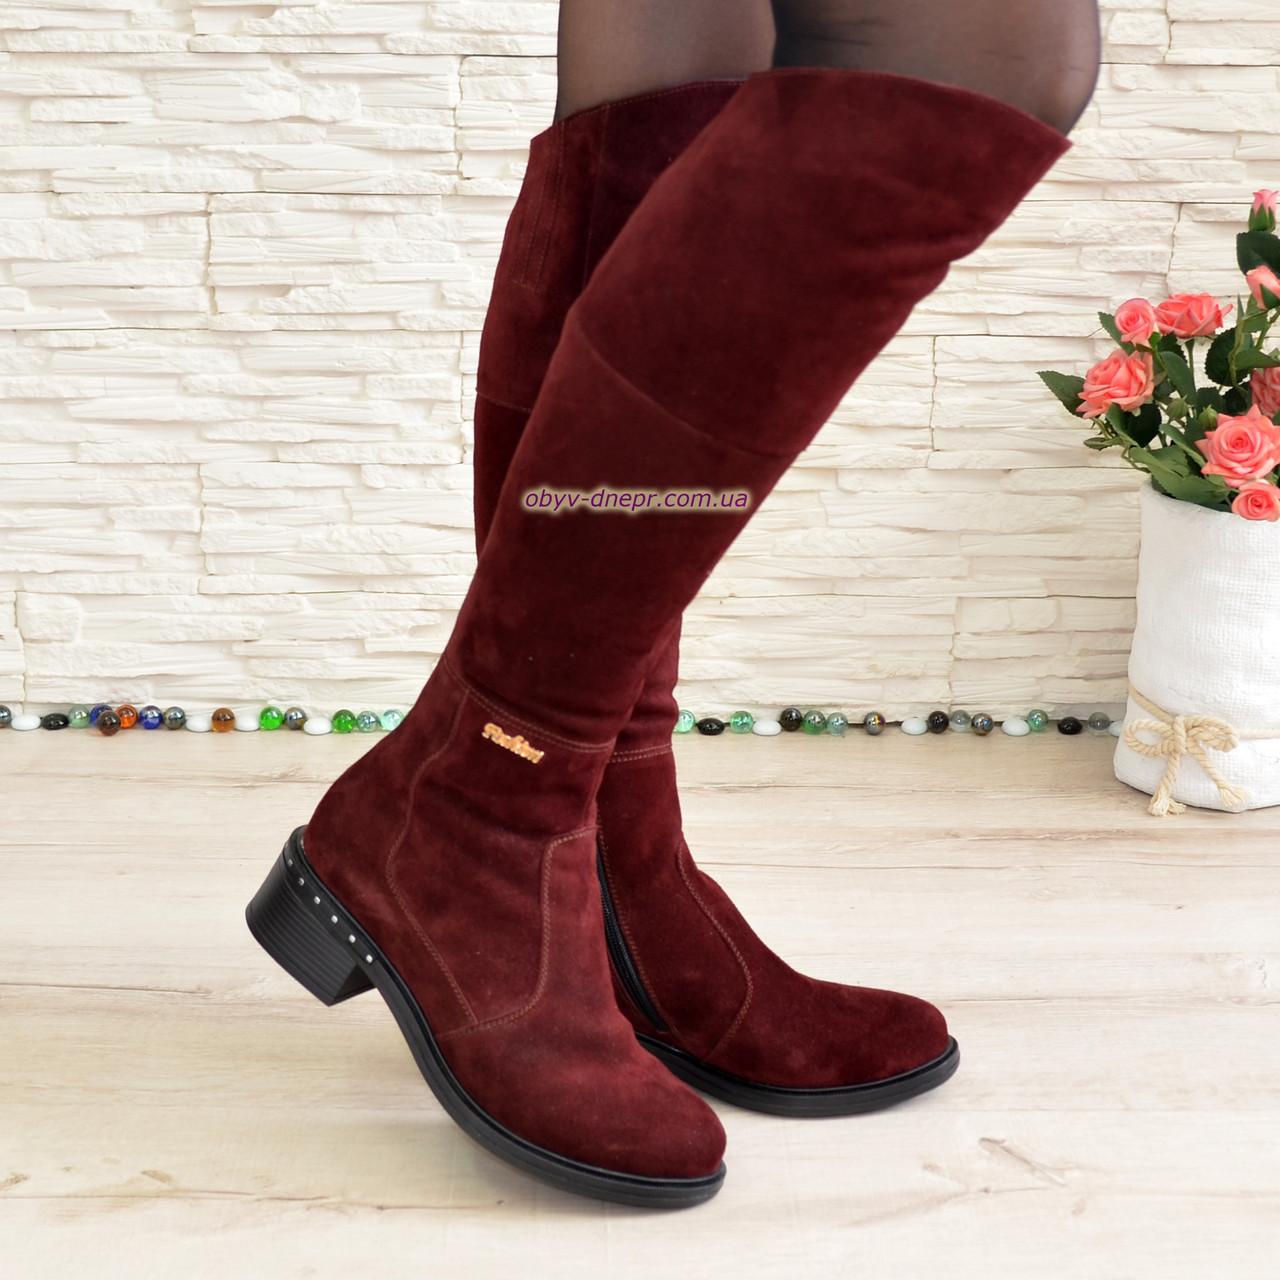 db58b73c8289 Женские демисезонные замшевые ботфорты на невысоком каблуке, цвет бордо